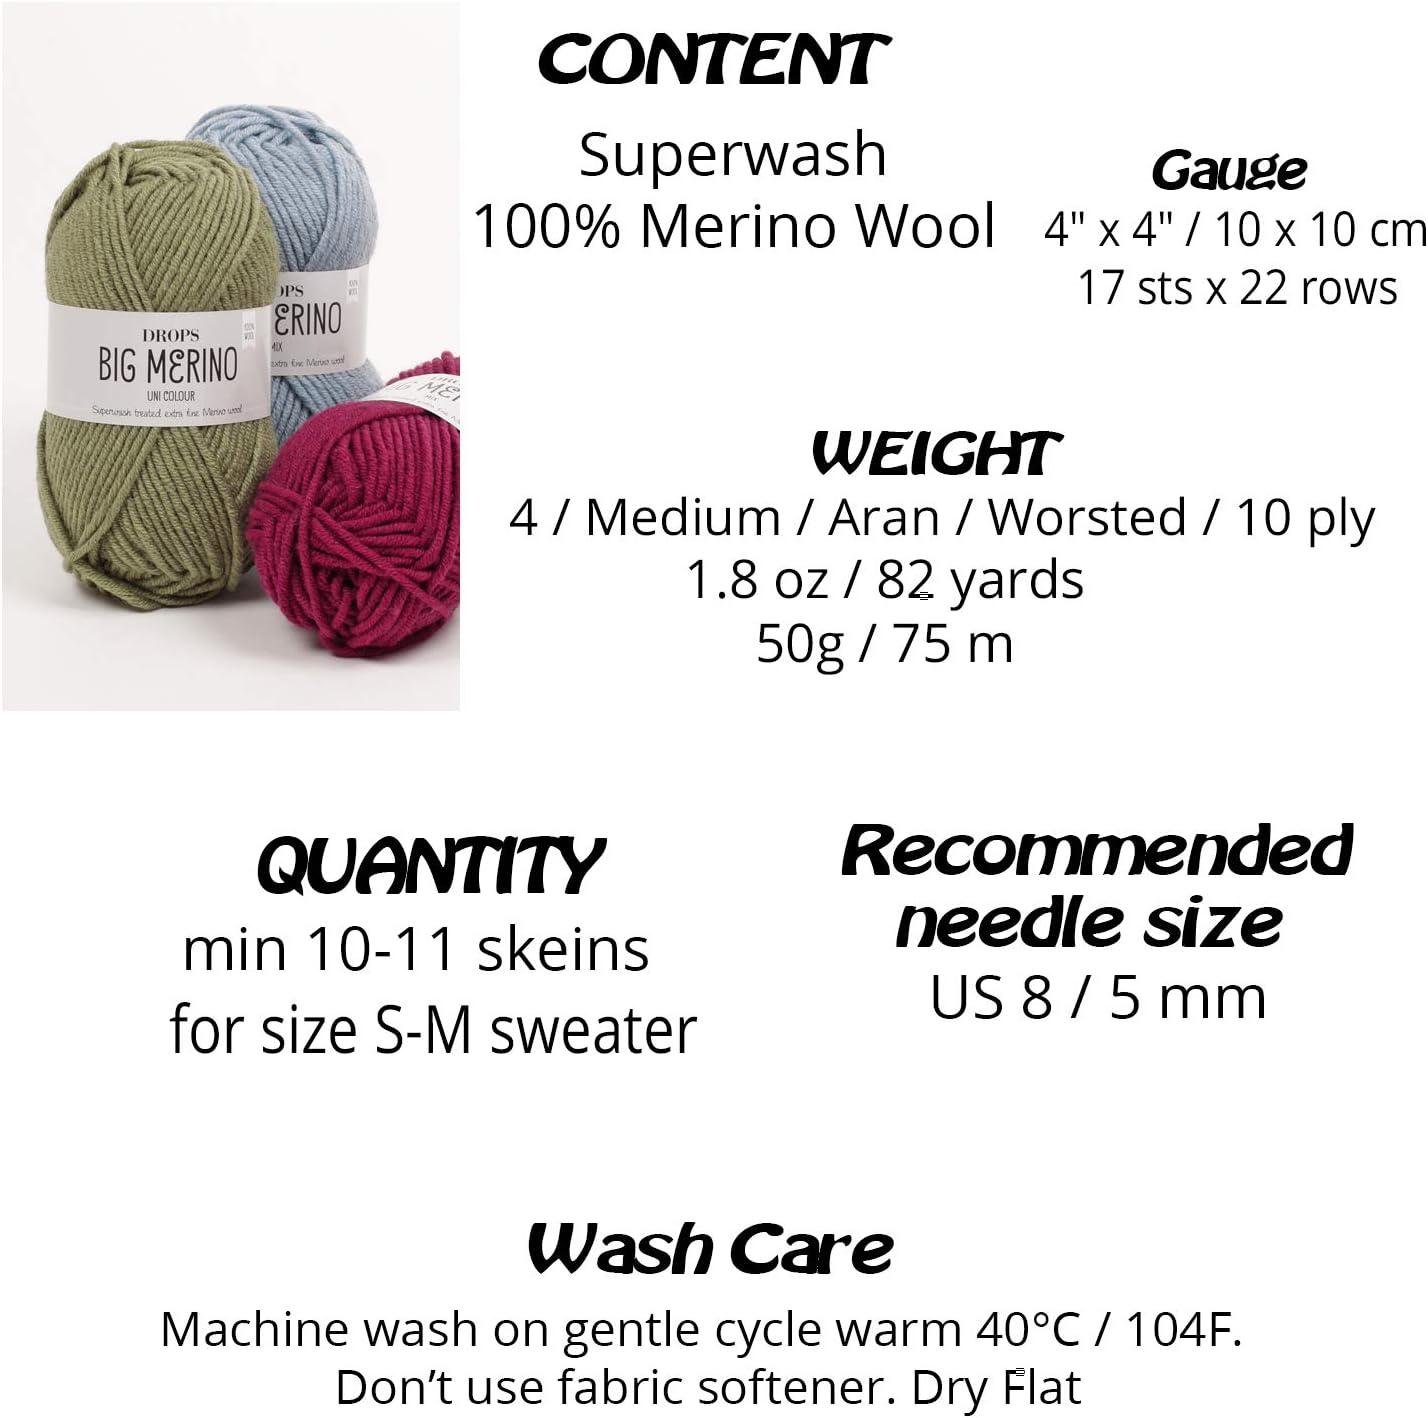 Dorothy/'s Dress 100/% Superwash Merino Multicolored Blue and White Sweater weight yarn Worsted weight merino yarn Medium Weight yarn